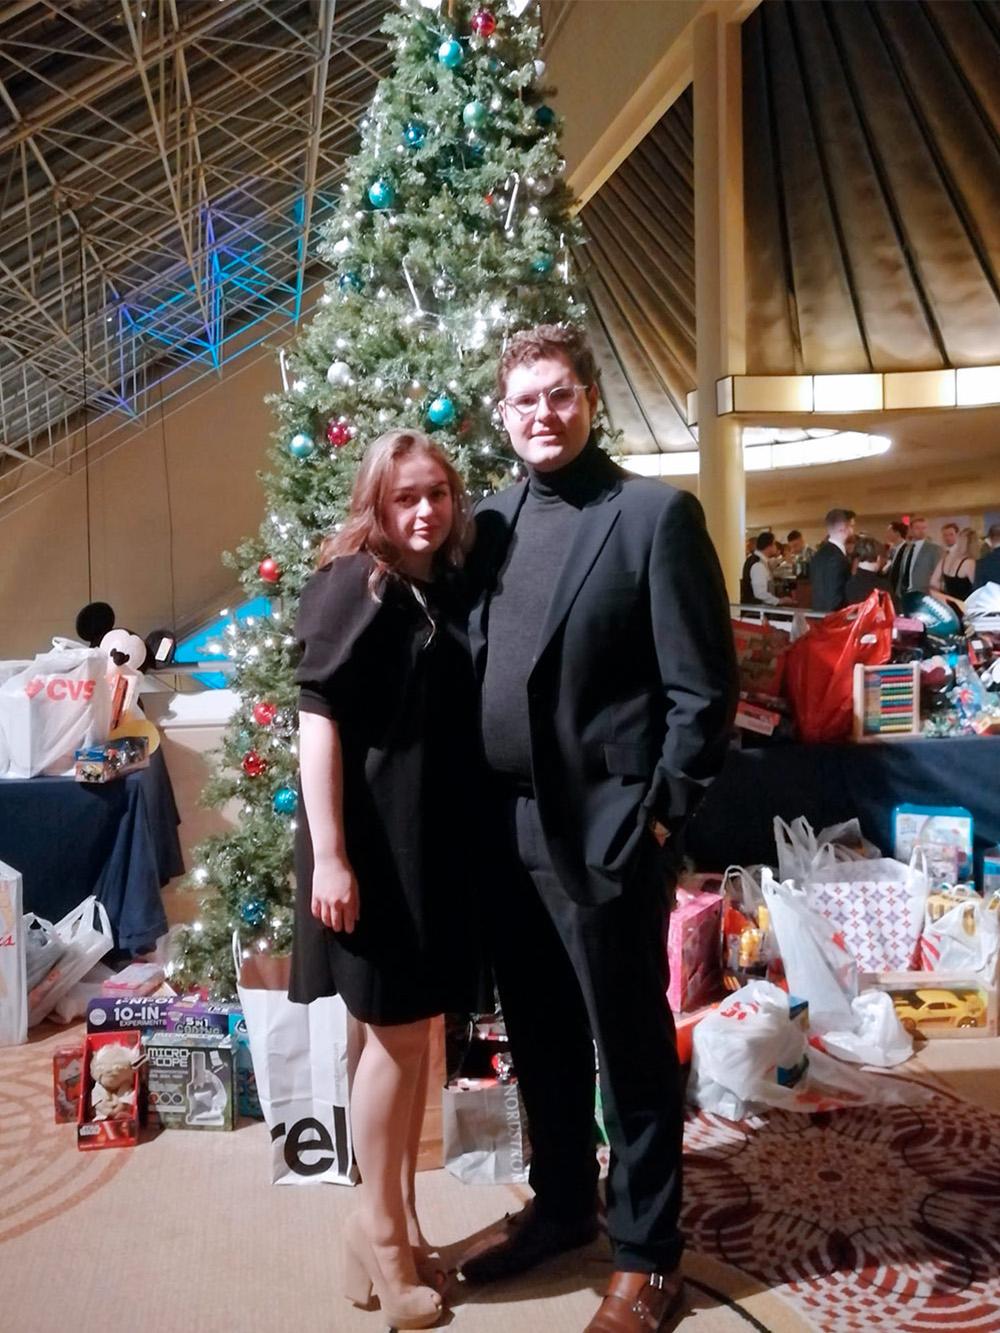 Рождество — пожалуй, главный праздник в США. Сейчас он больше напоминает бесконечный обмен подарками, чем религиозное событие